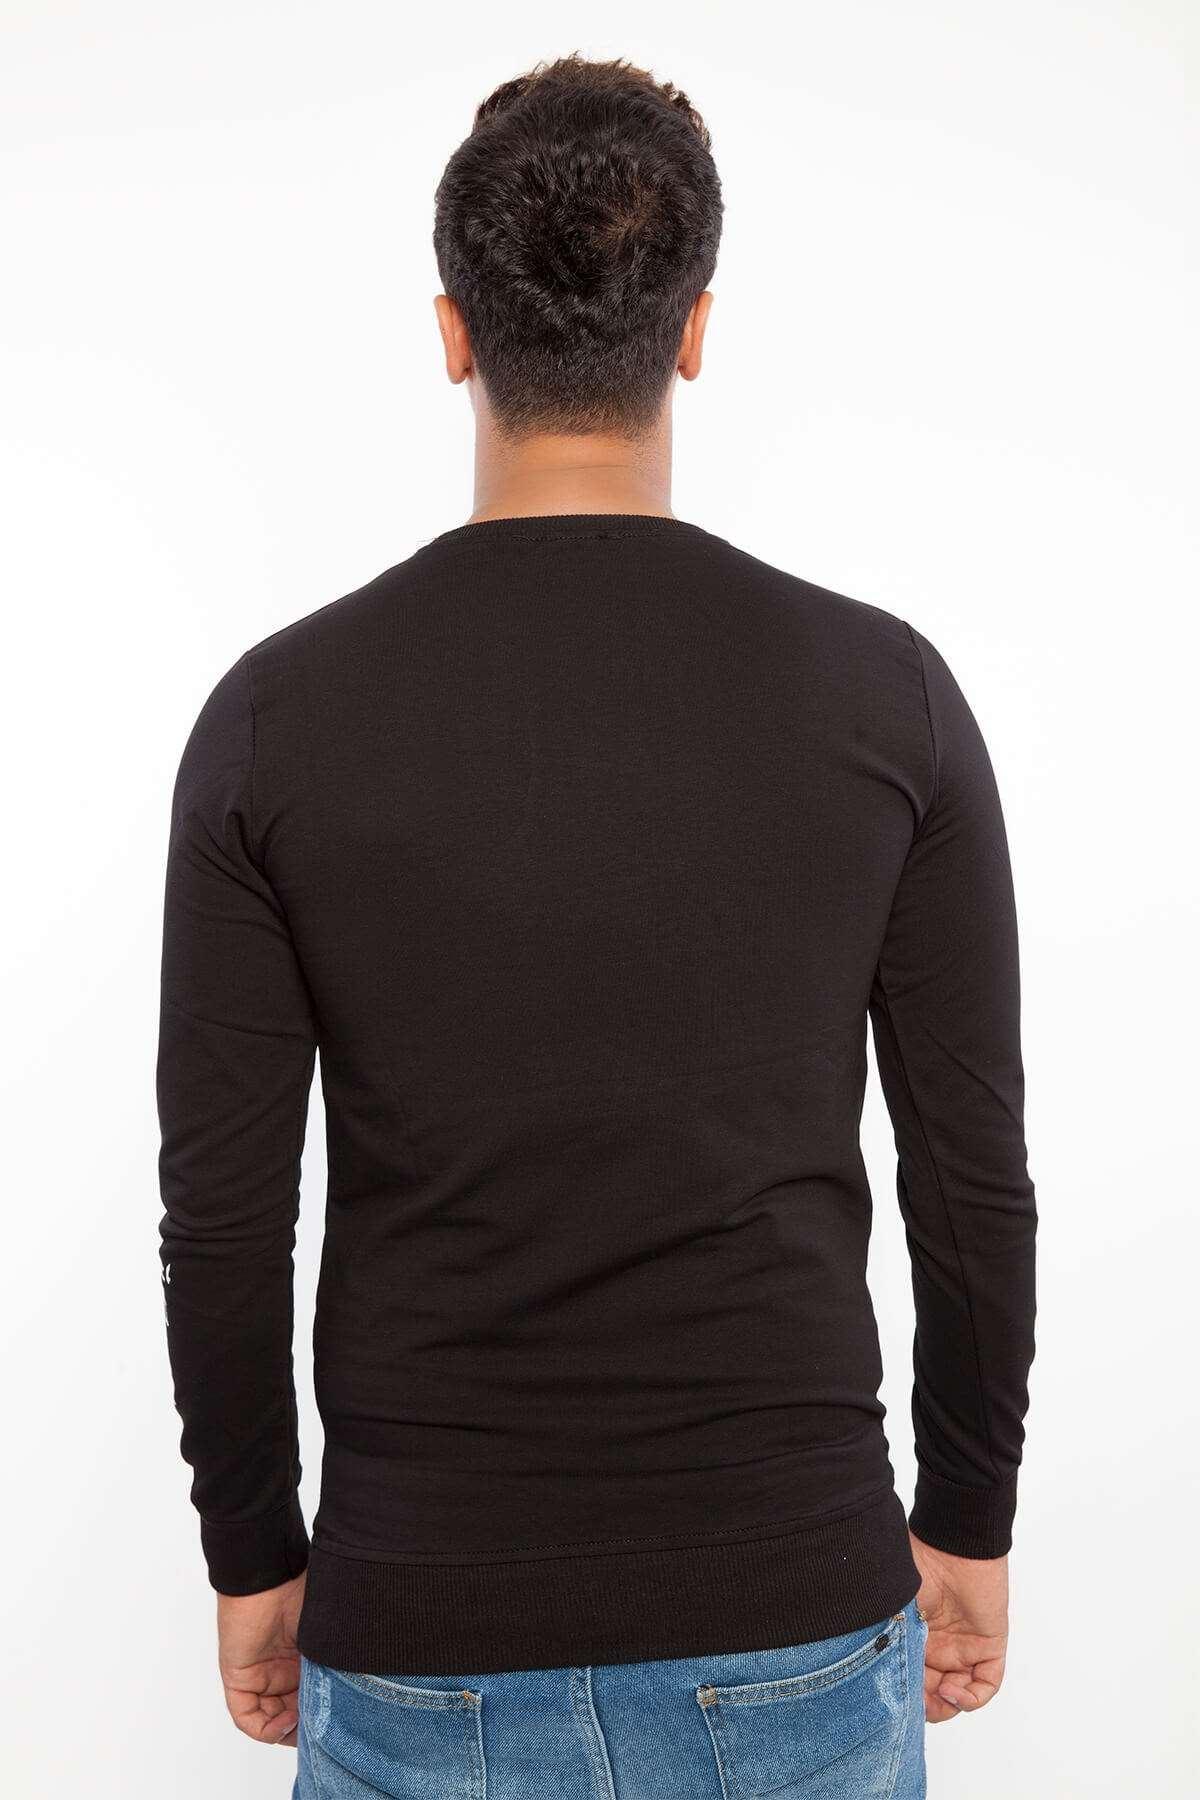 Baskılı Kolu Yazılı Sıfır Yaka Sweatshirt Siyah